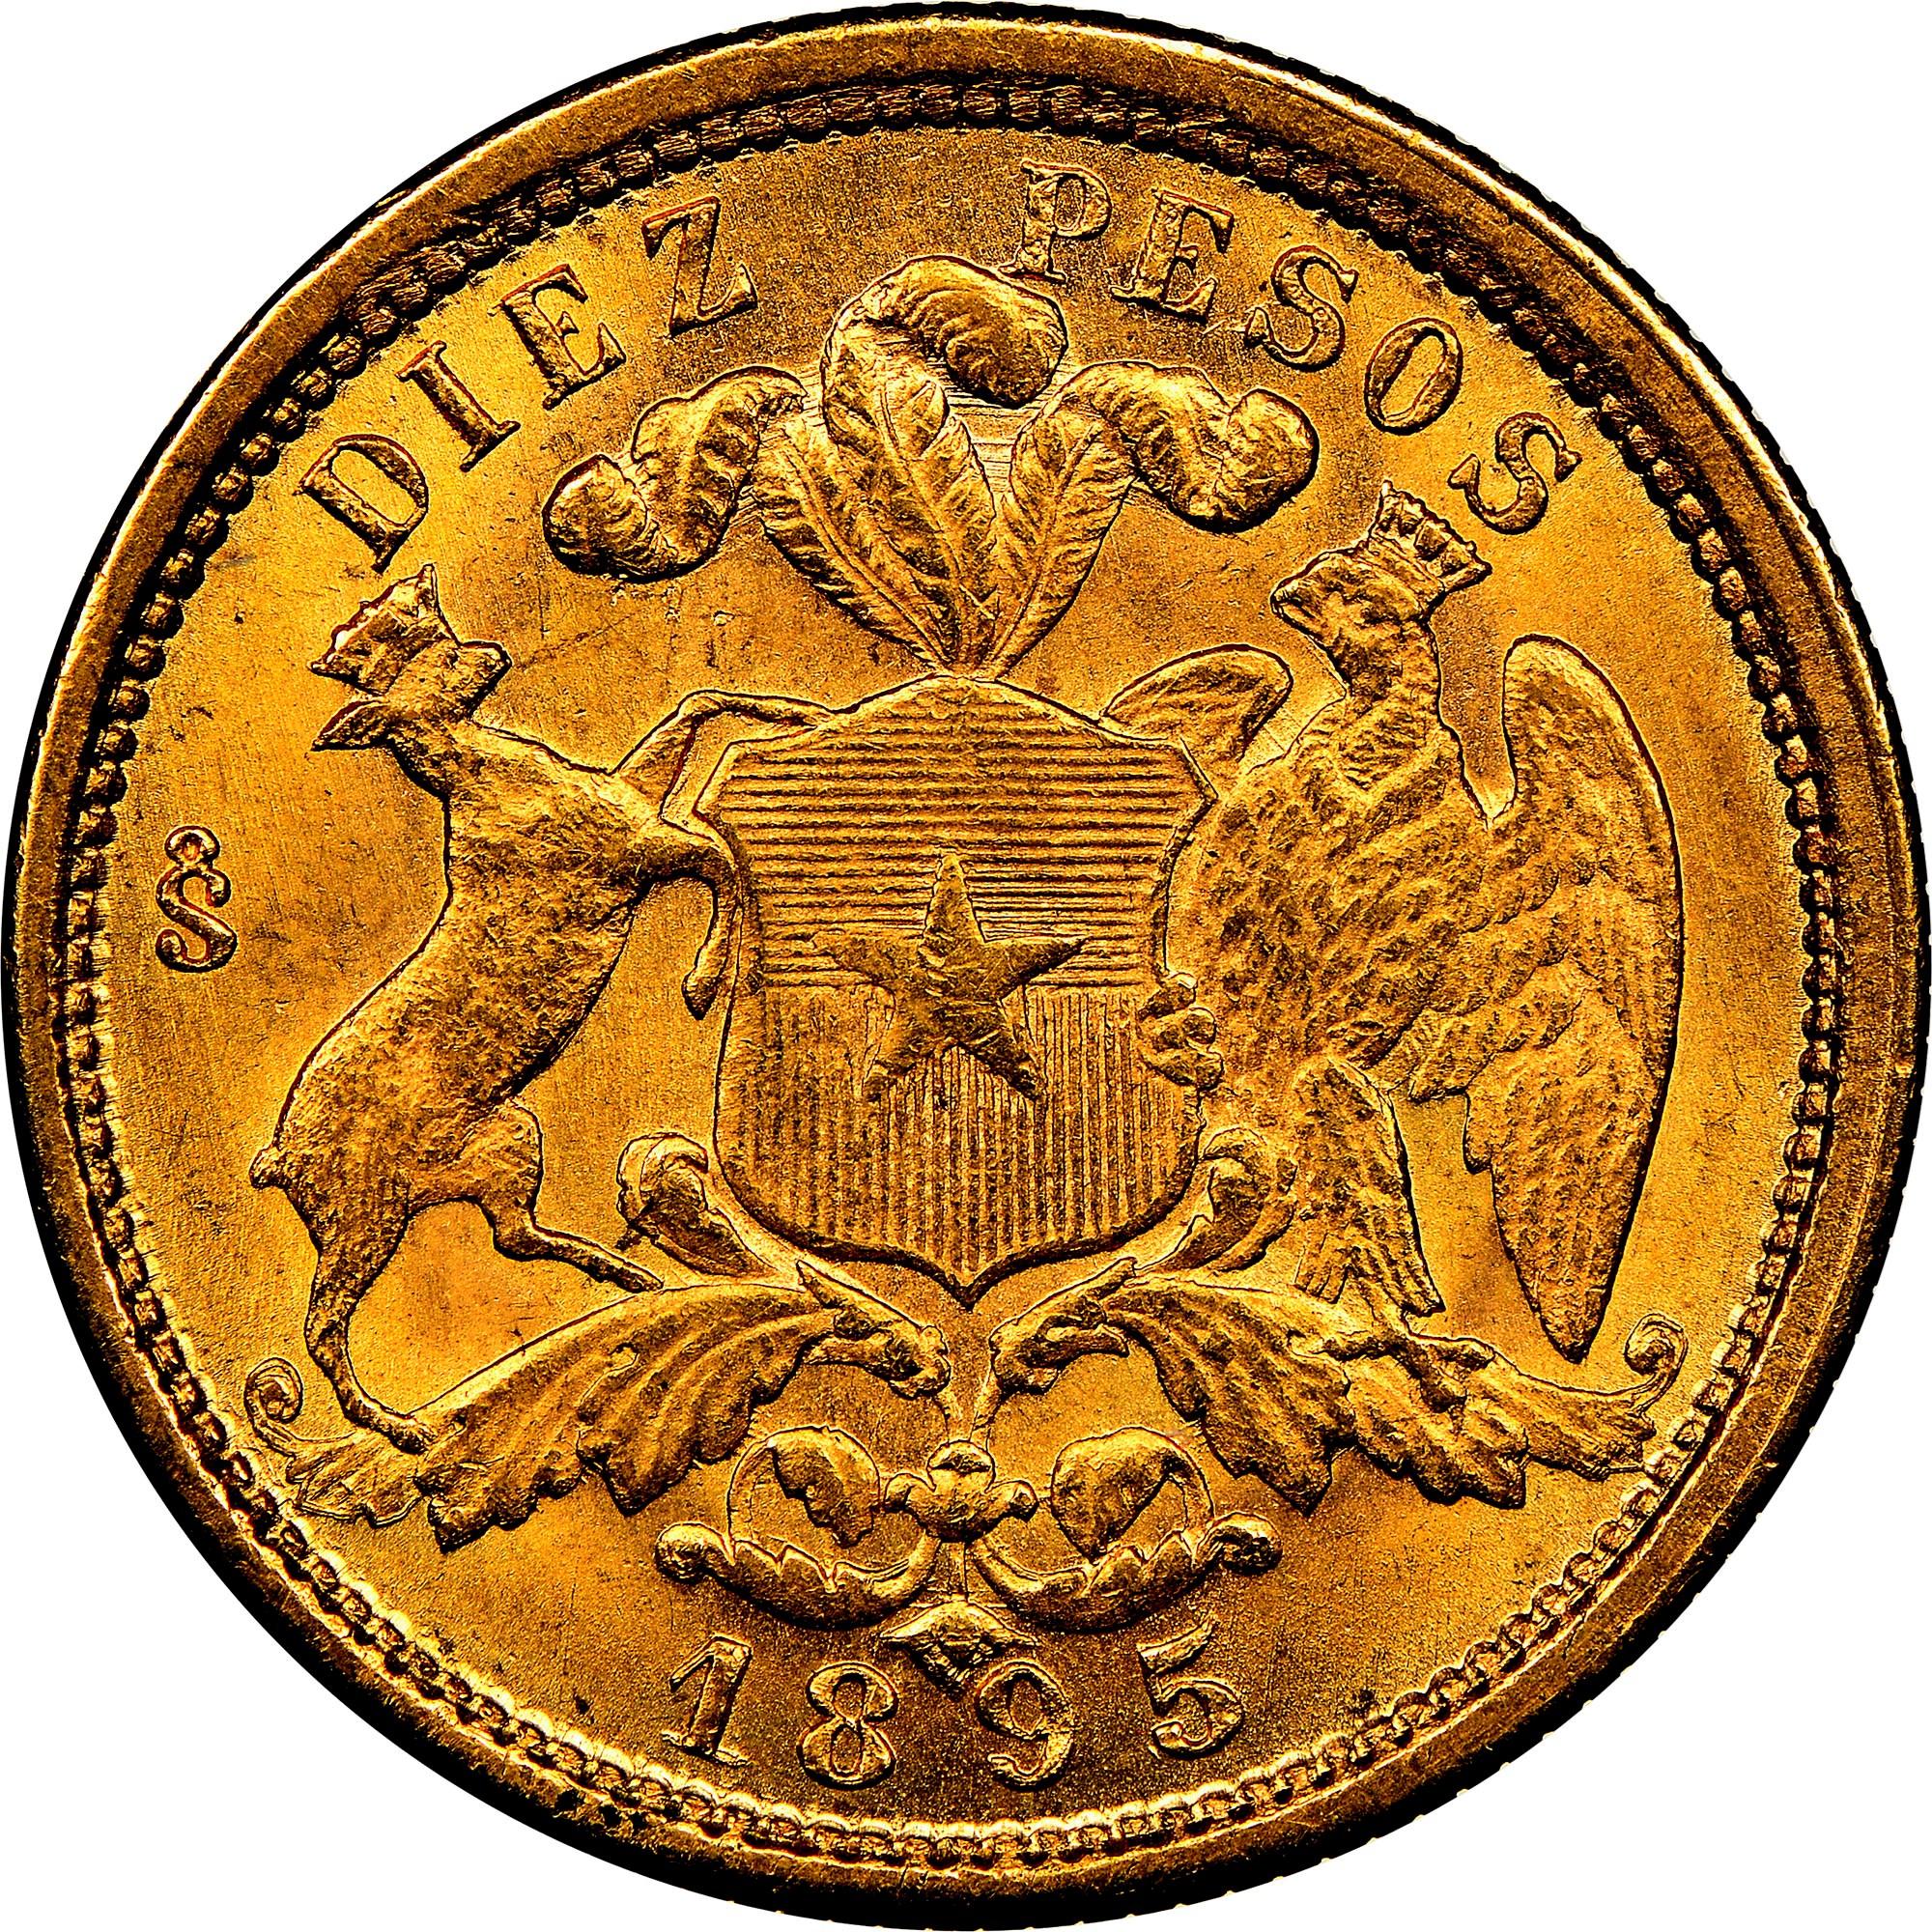 Chile 10 Pesos reverse